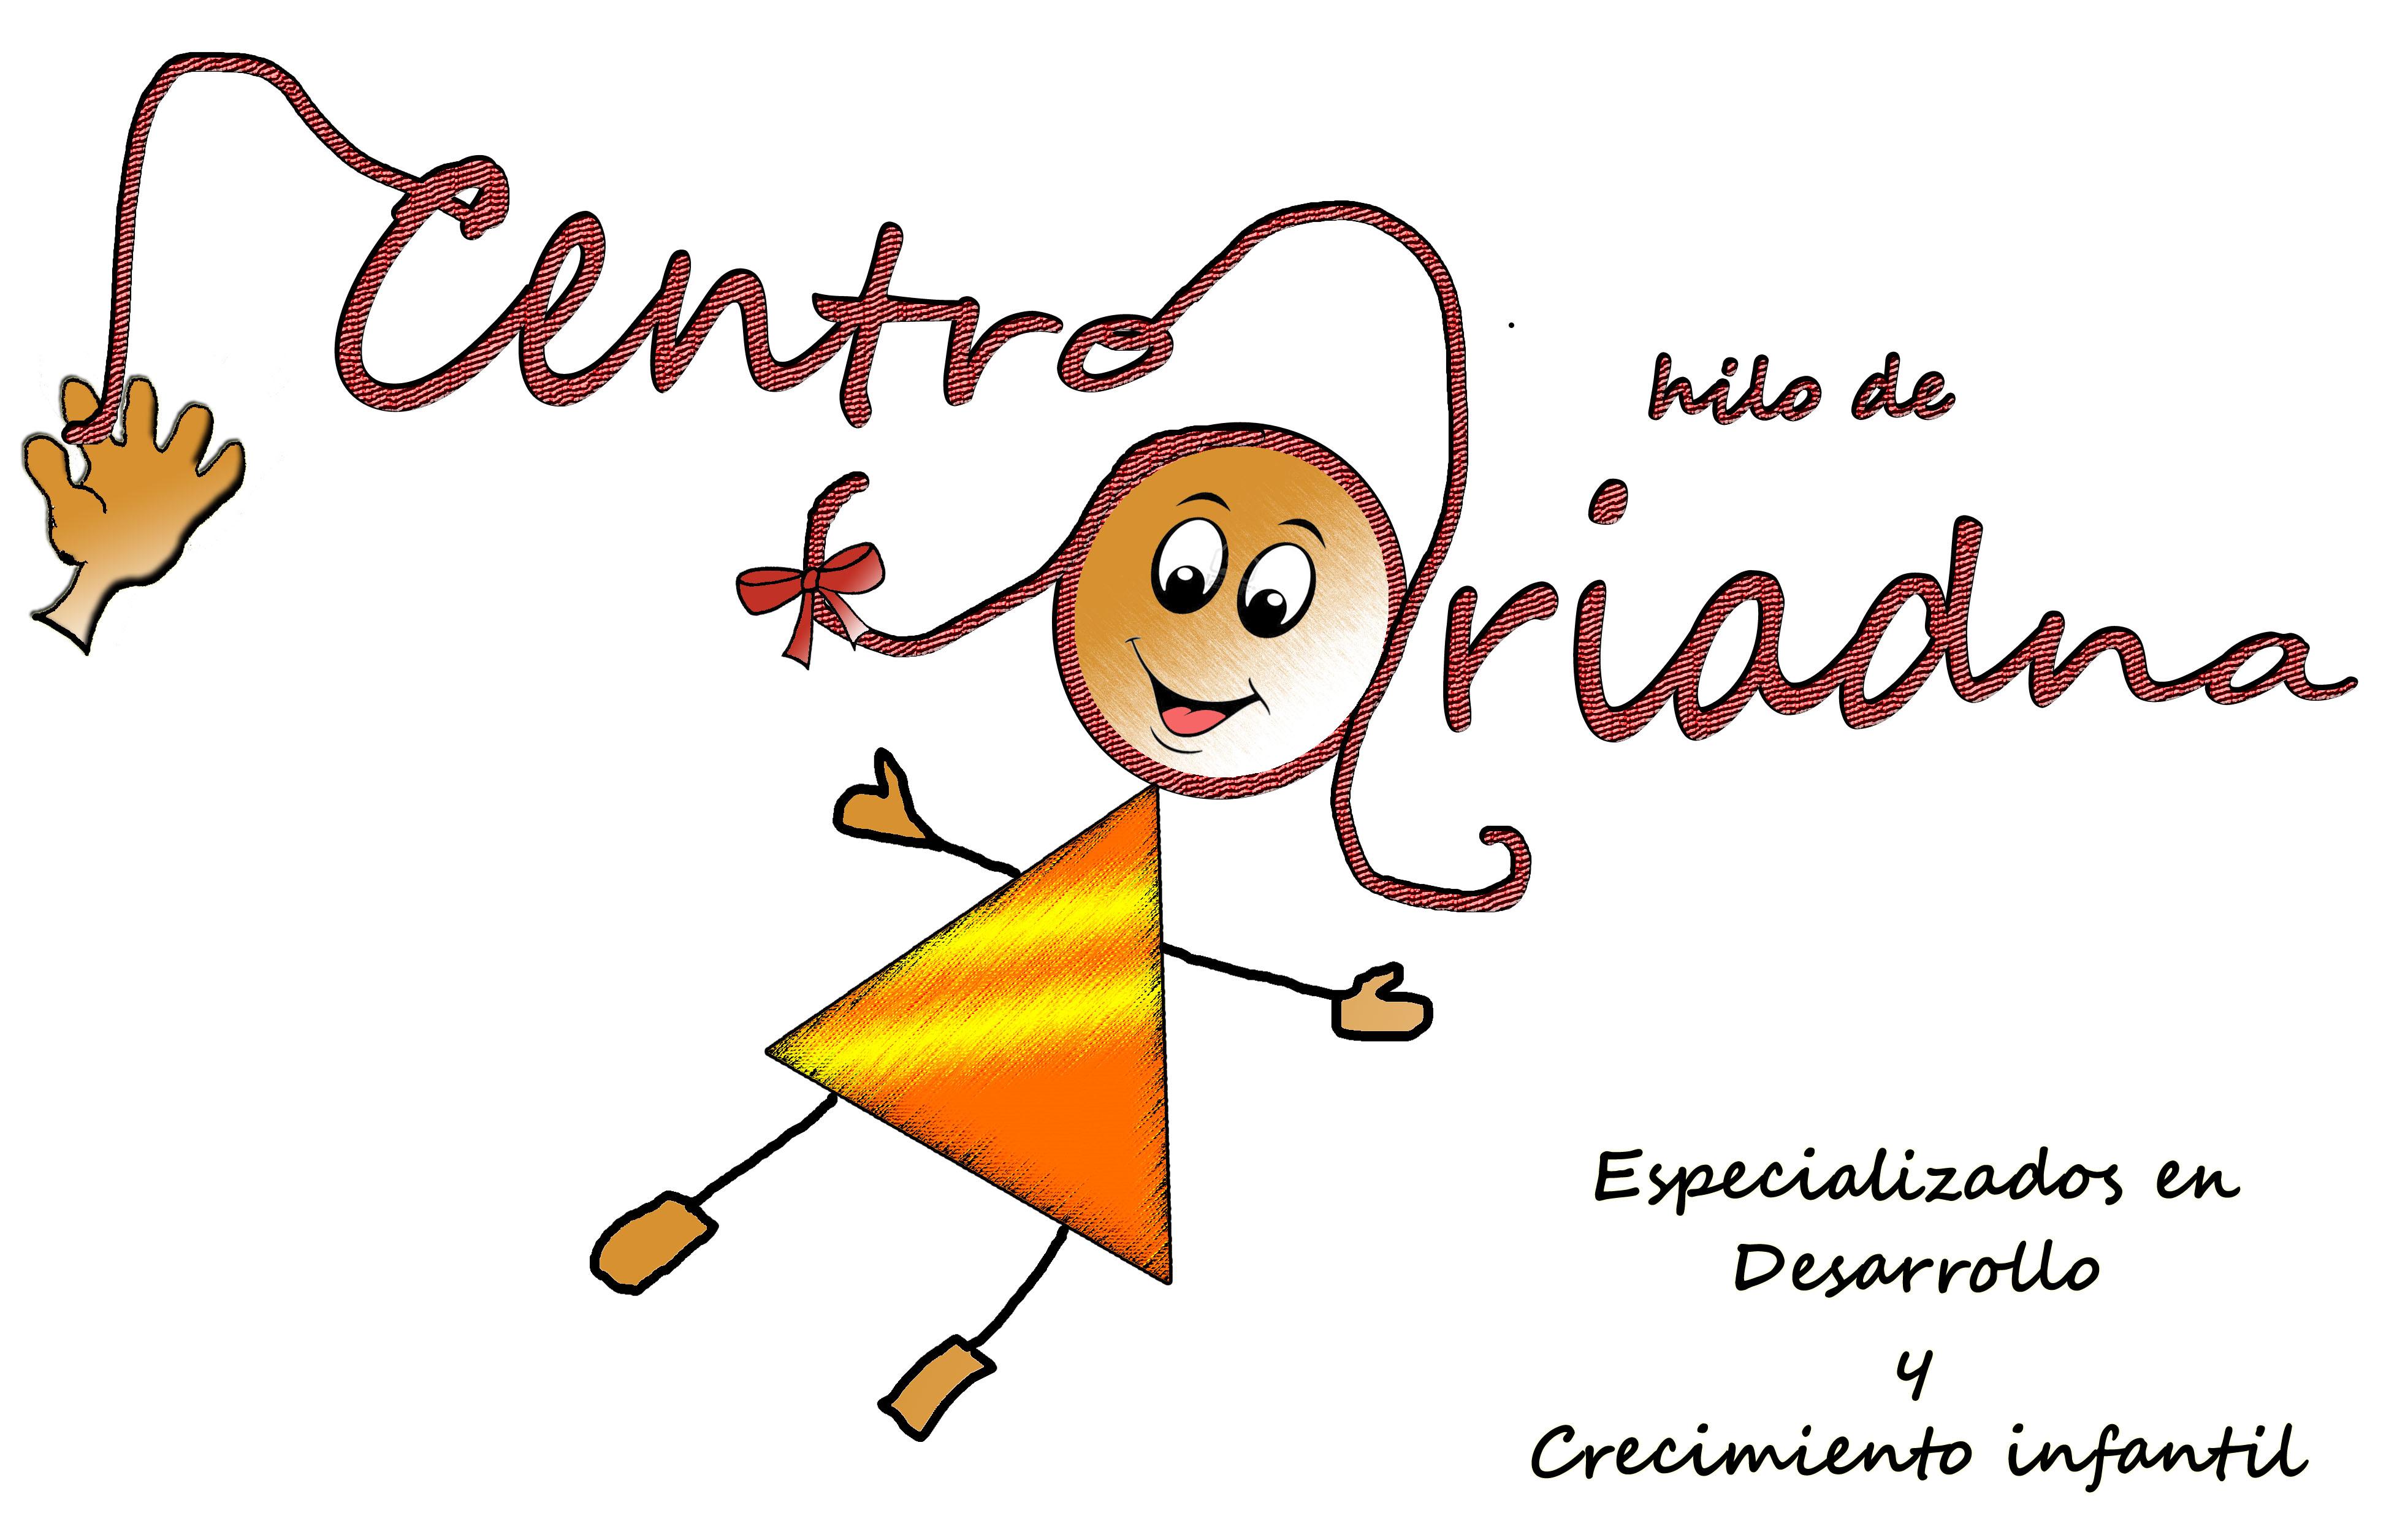 Centro Ariadna